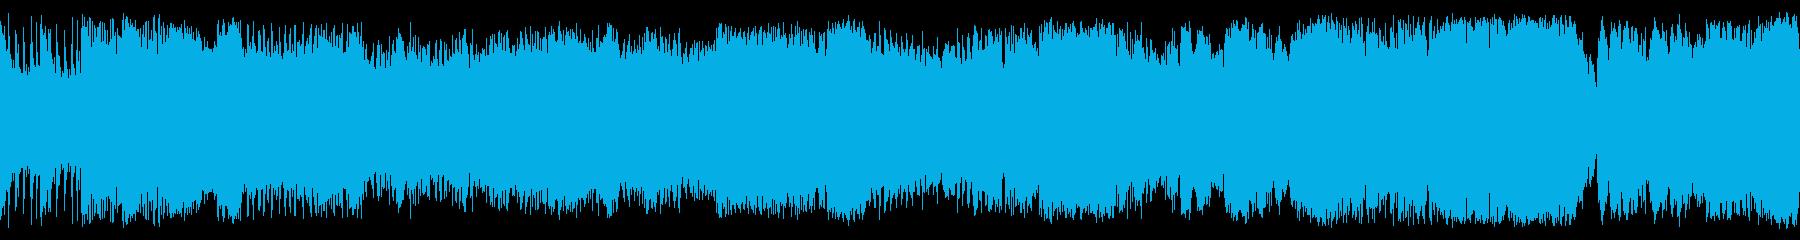 オケによるシリアスで重厚な戦闘・バトル曲の再生済みの波形